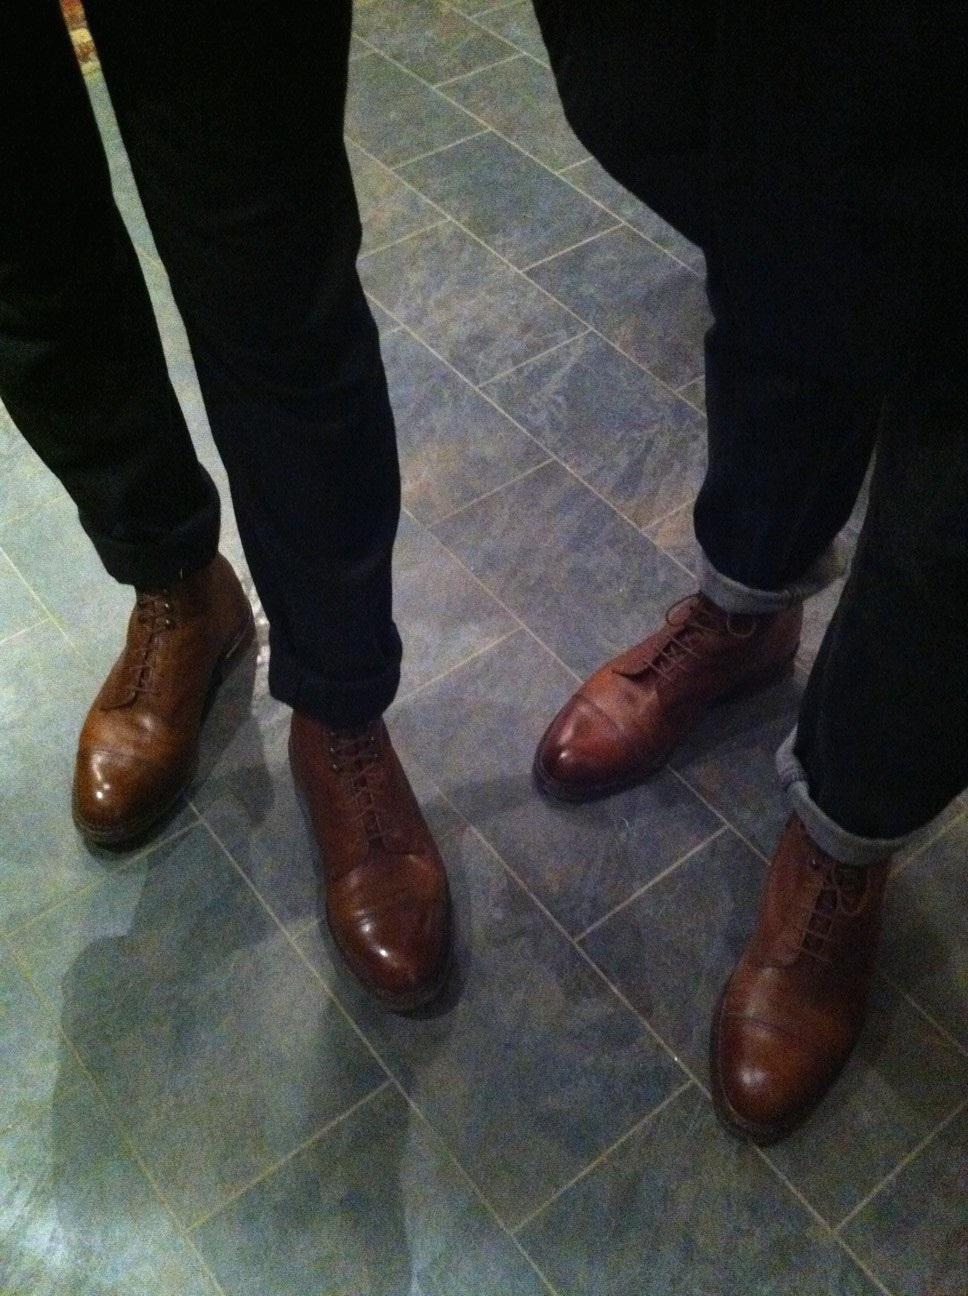 crockett and jones